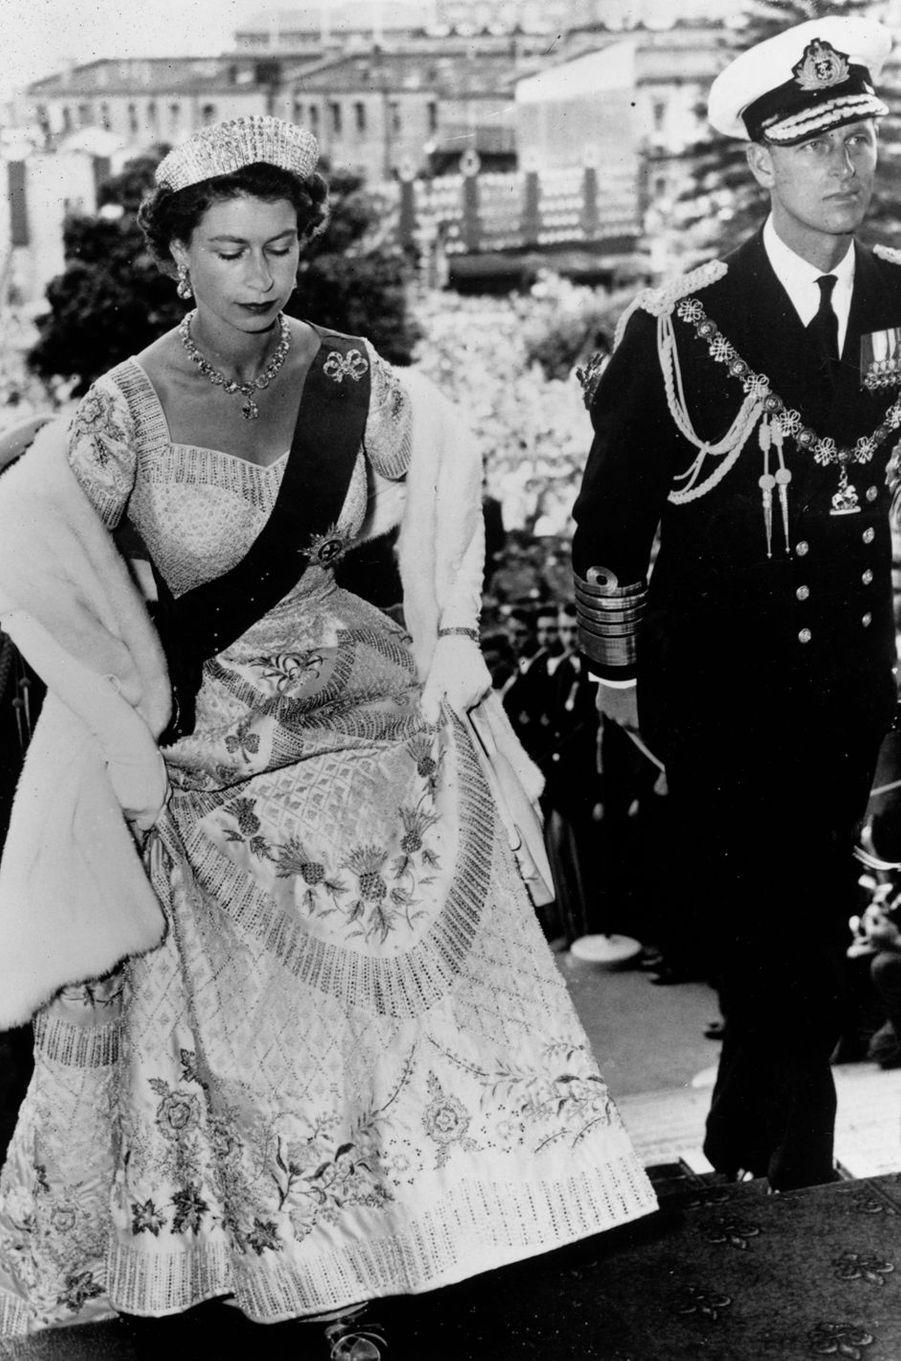 La reine Elizabeth II dans la robe de son couronnement à Wellington, le 18 janvier 1954